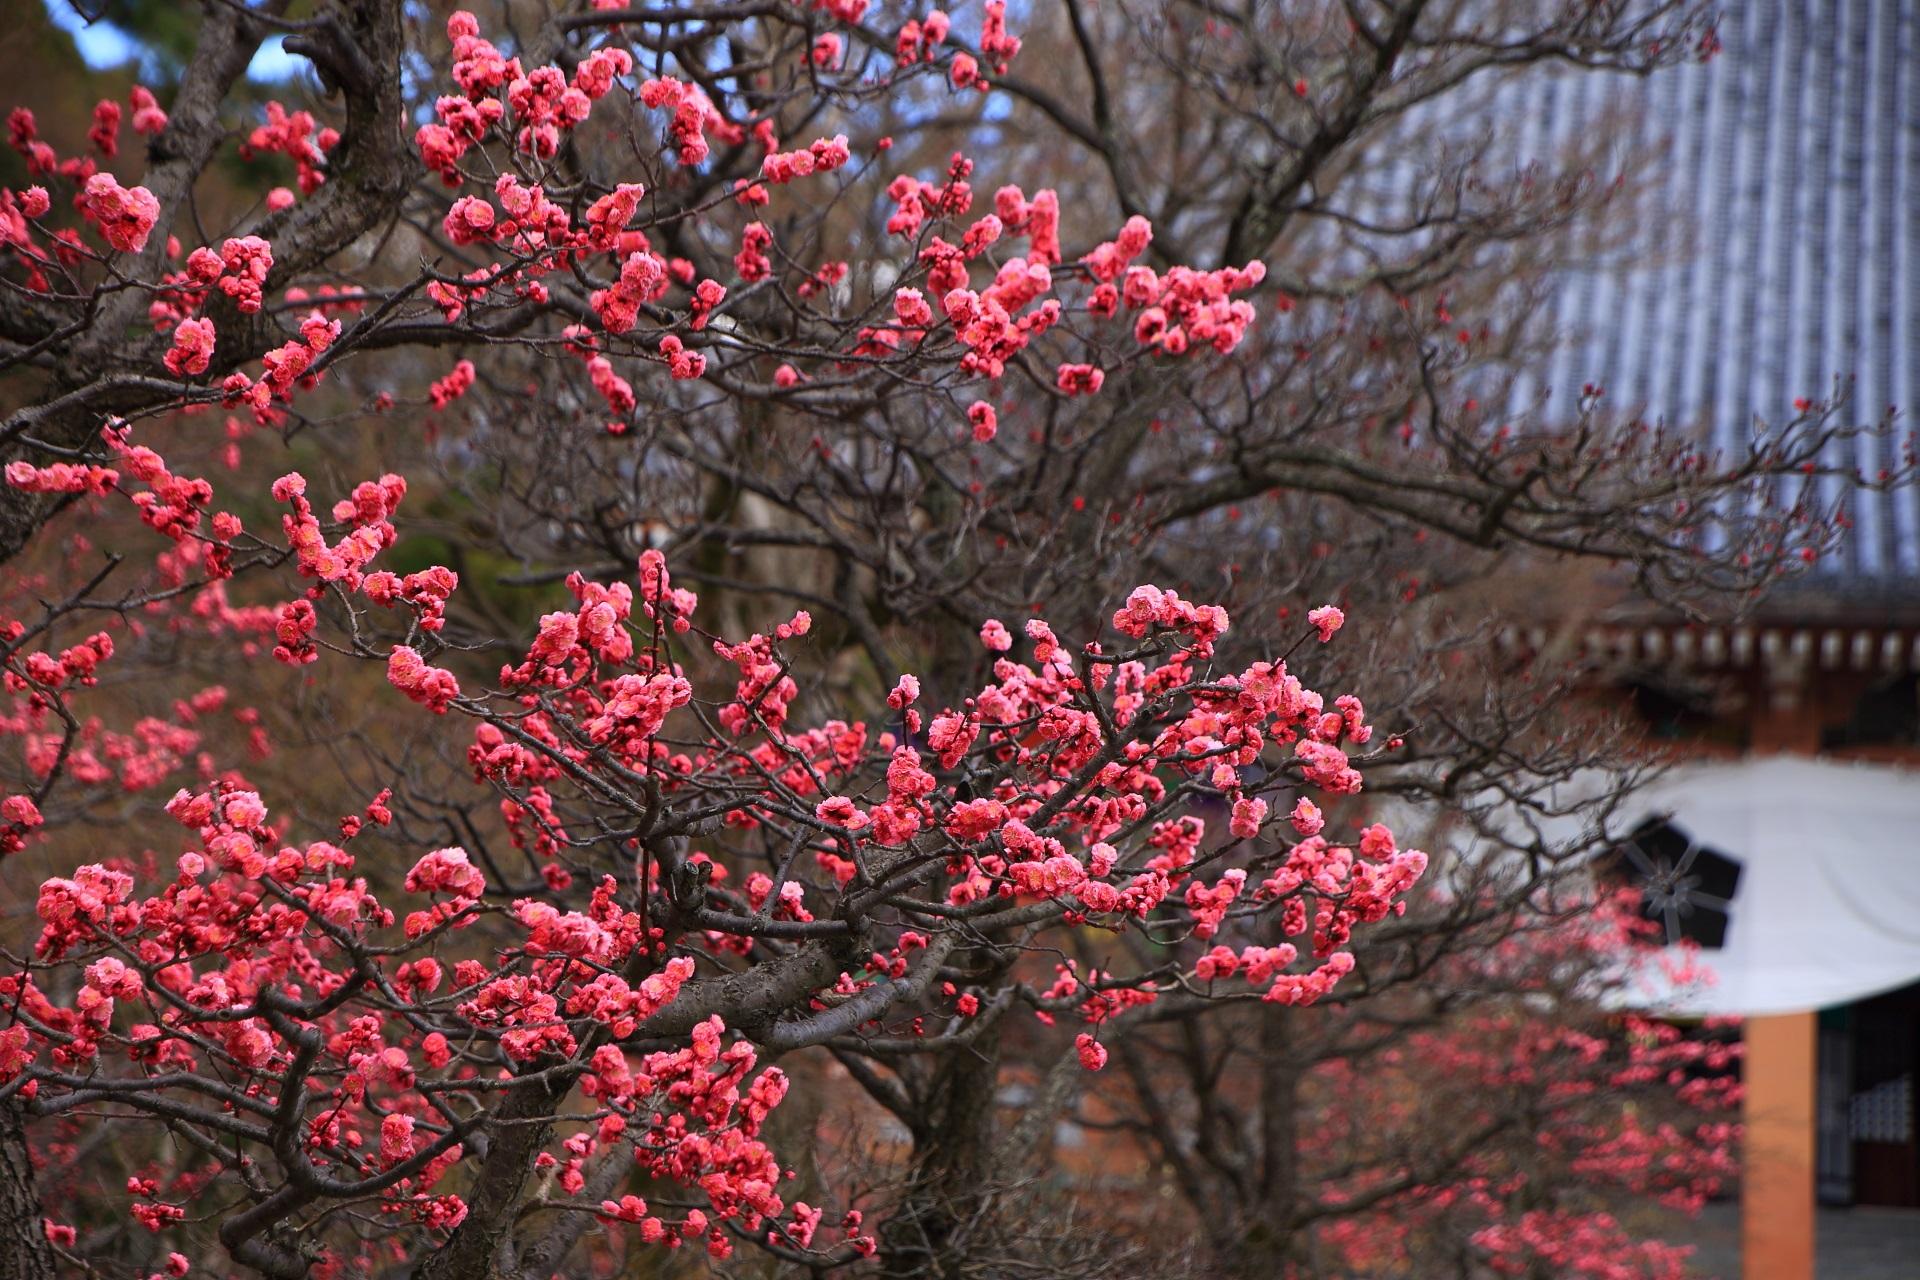 見事に咲き誇る梅の花